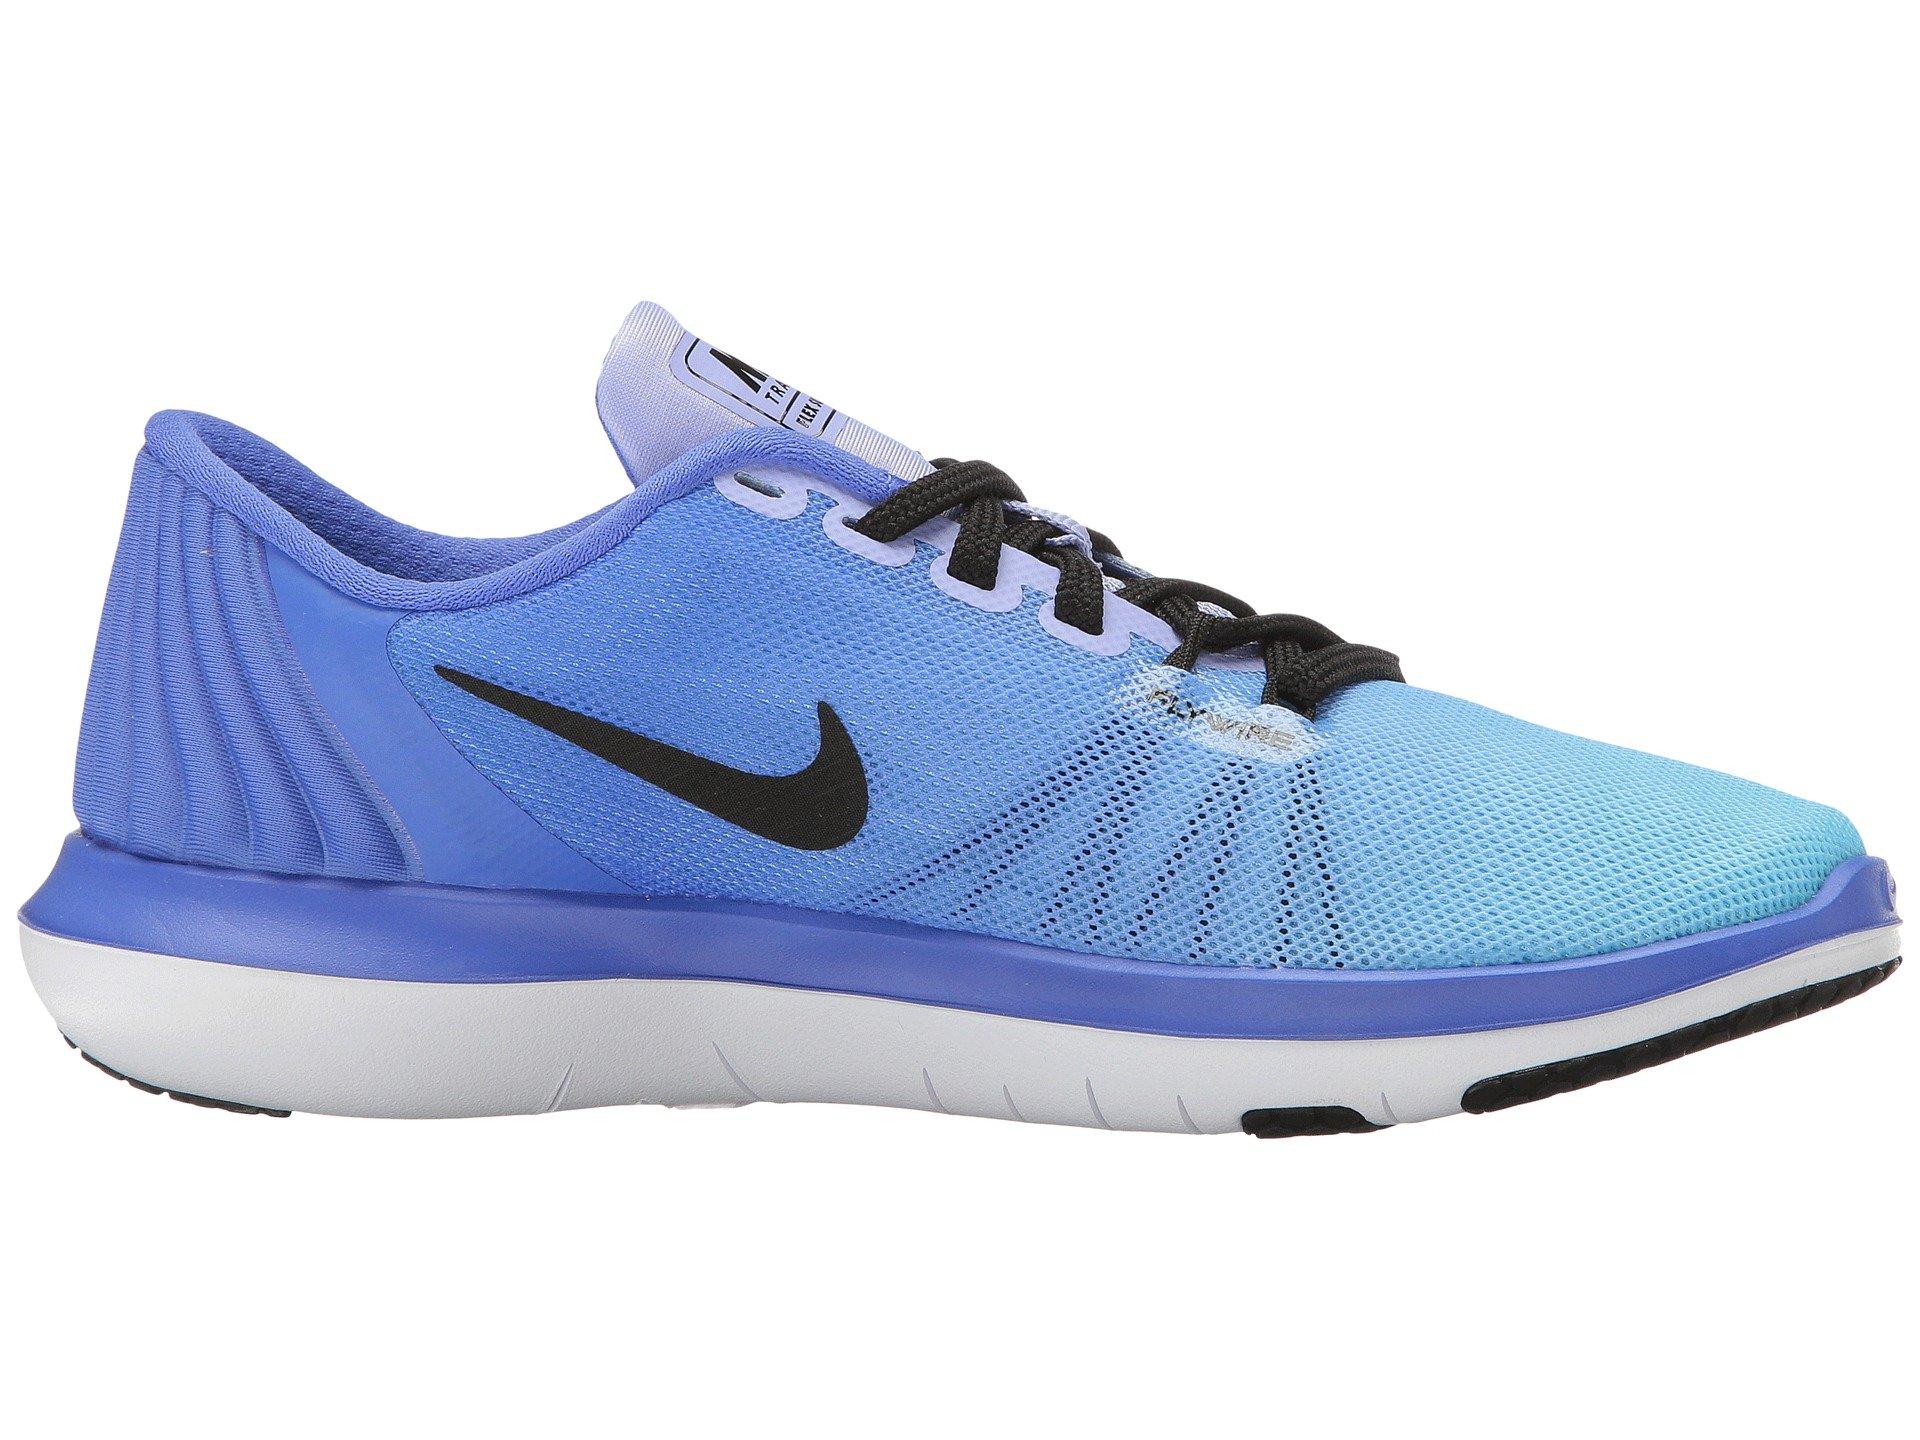 Nike Flex Supreme Cross Training Shoes